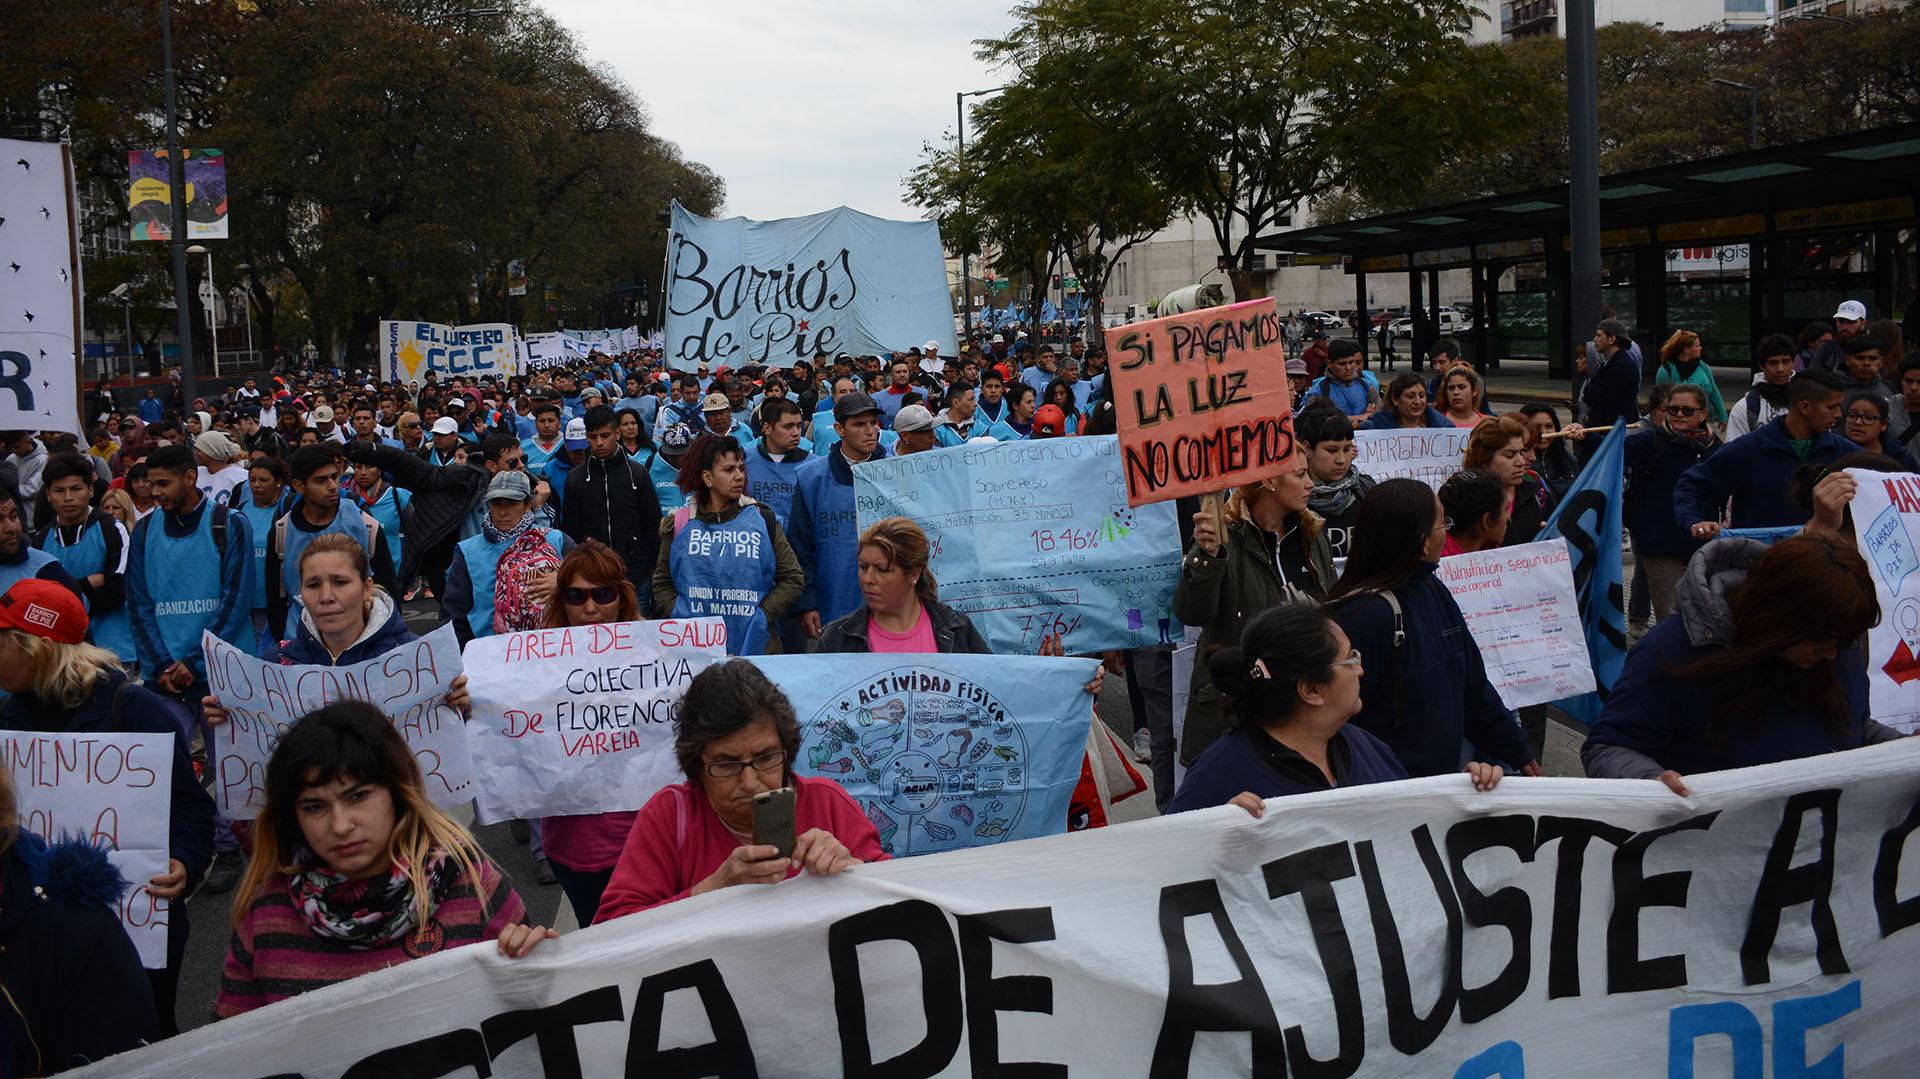 El reclamo de los manifestantes también incluyó el aumento de tarifas